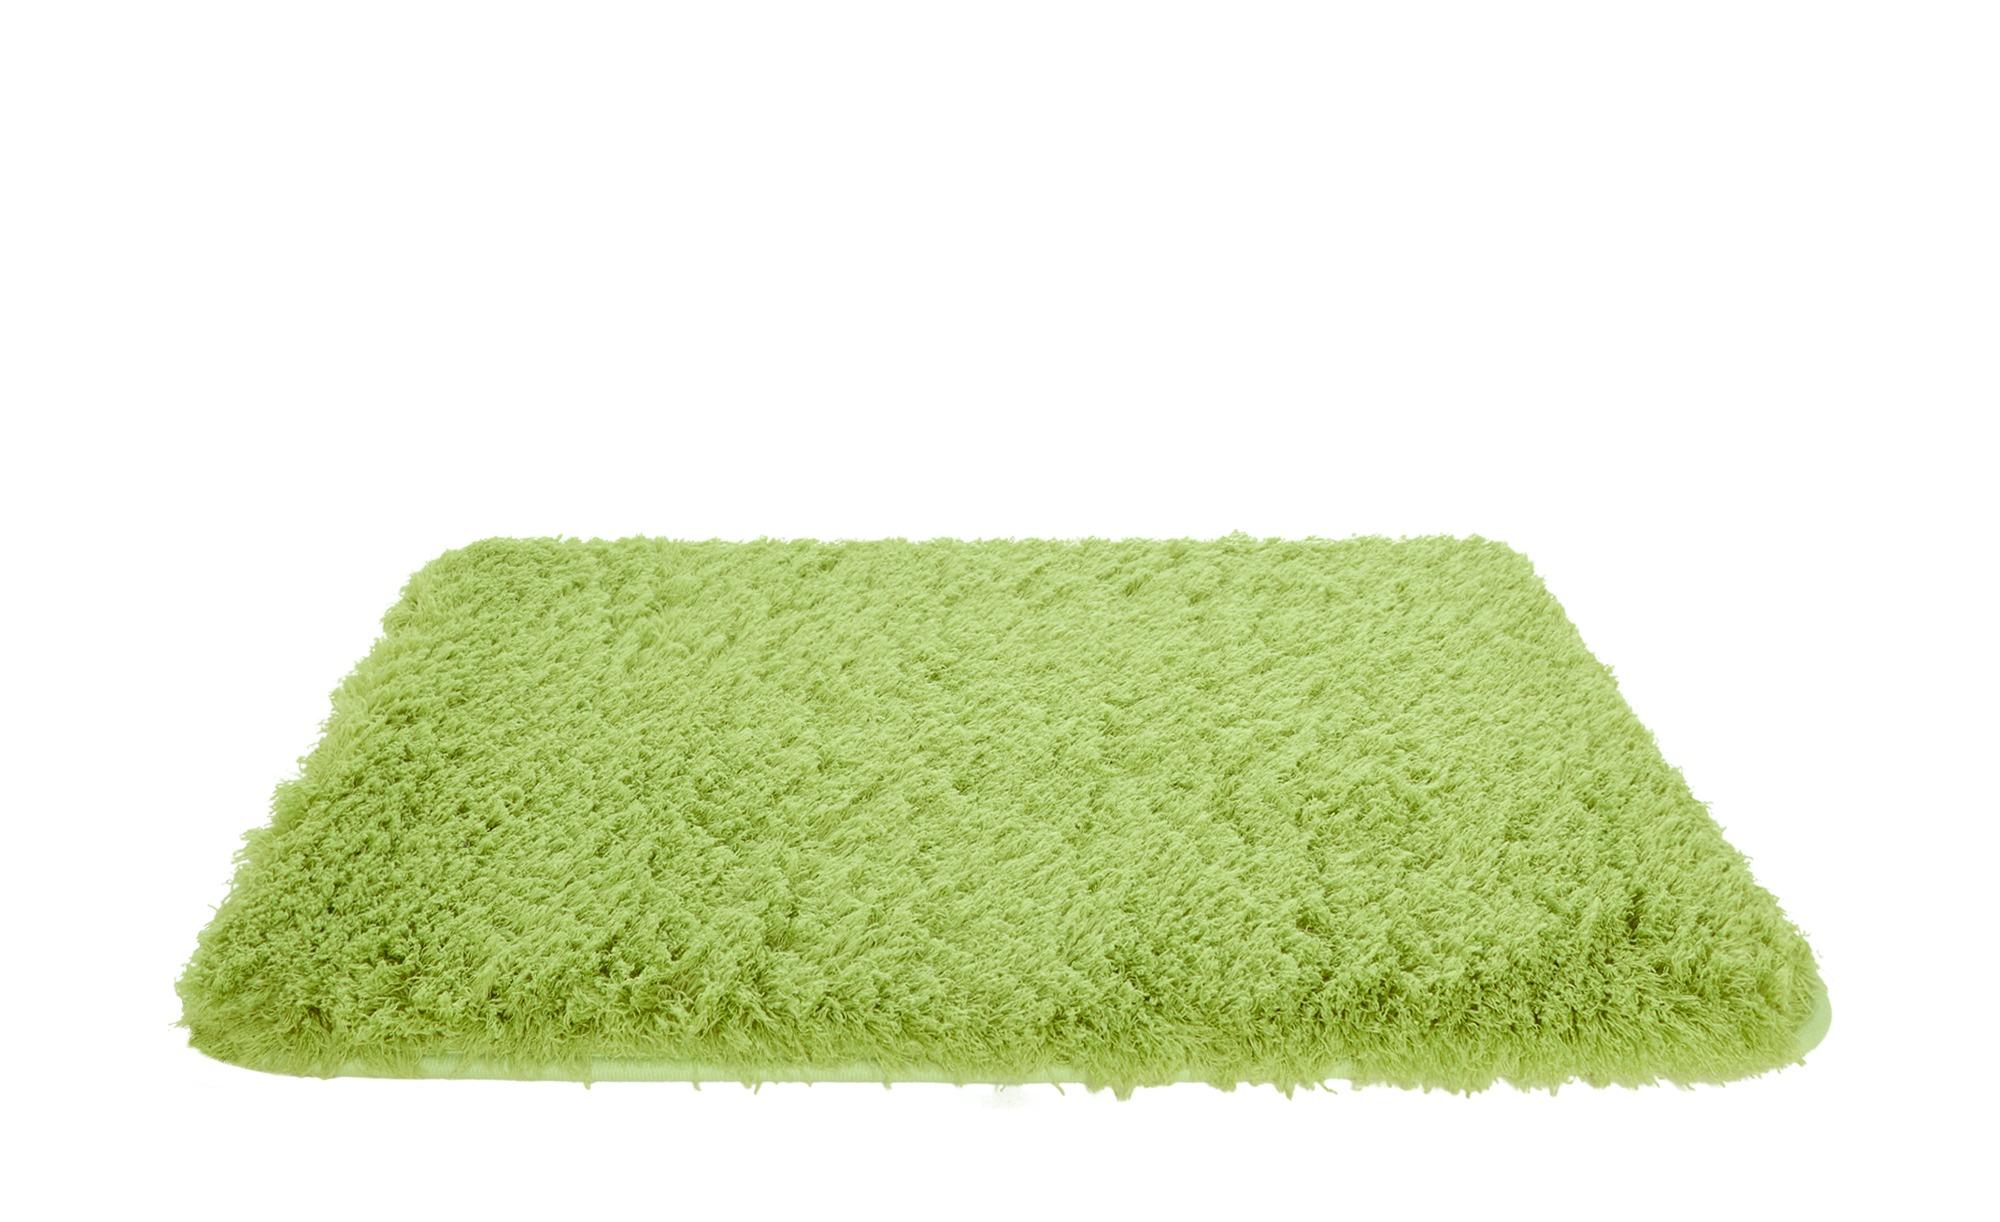 HOME STORY Badteppich - grün - 100% Polyester - Sconto günstig online kaufen